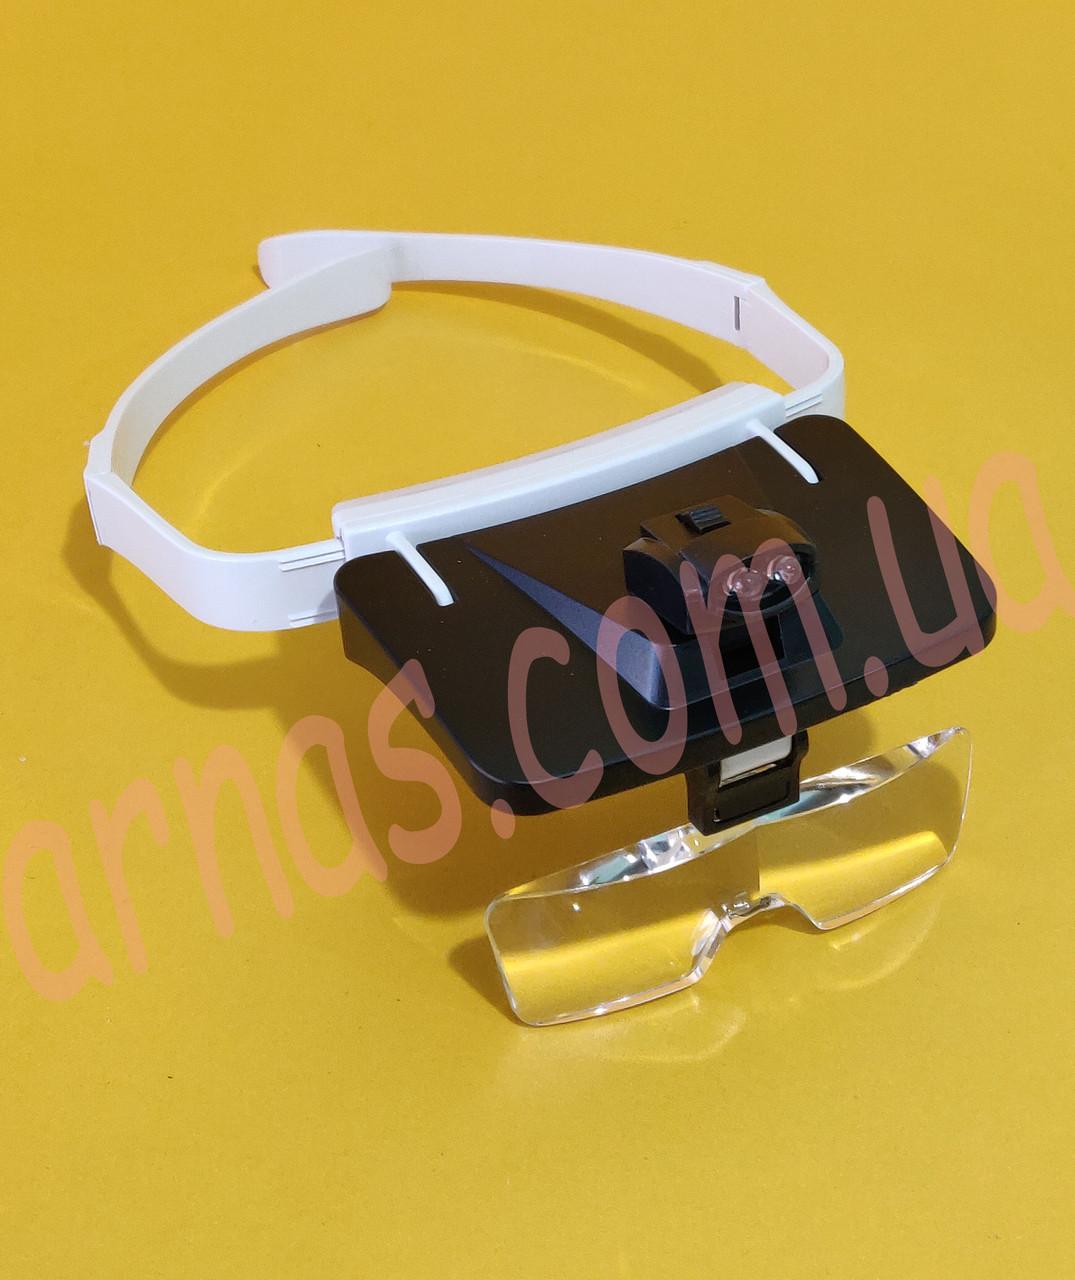 Бинокуляр окуляри бінокулярні зі світлодіодним підсвічуванням TH-9203